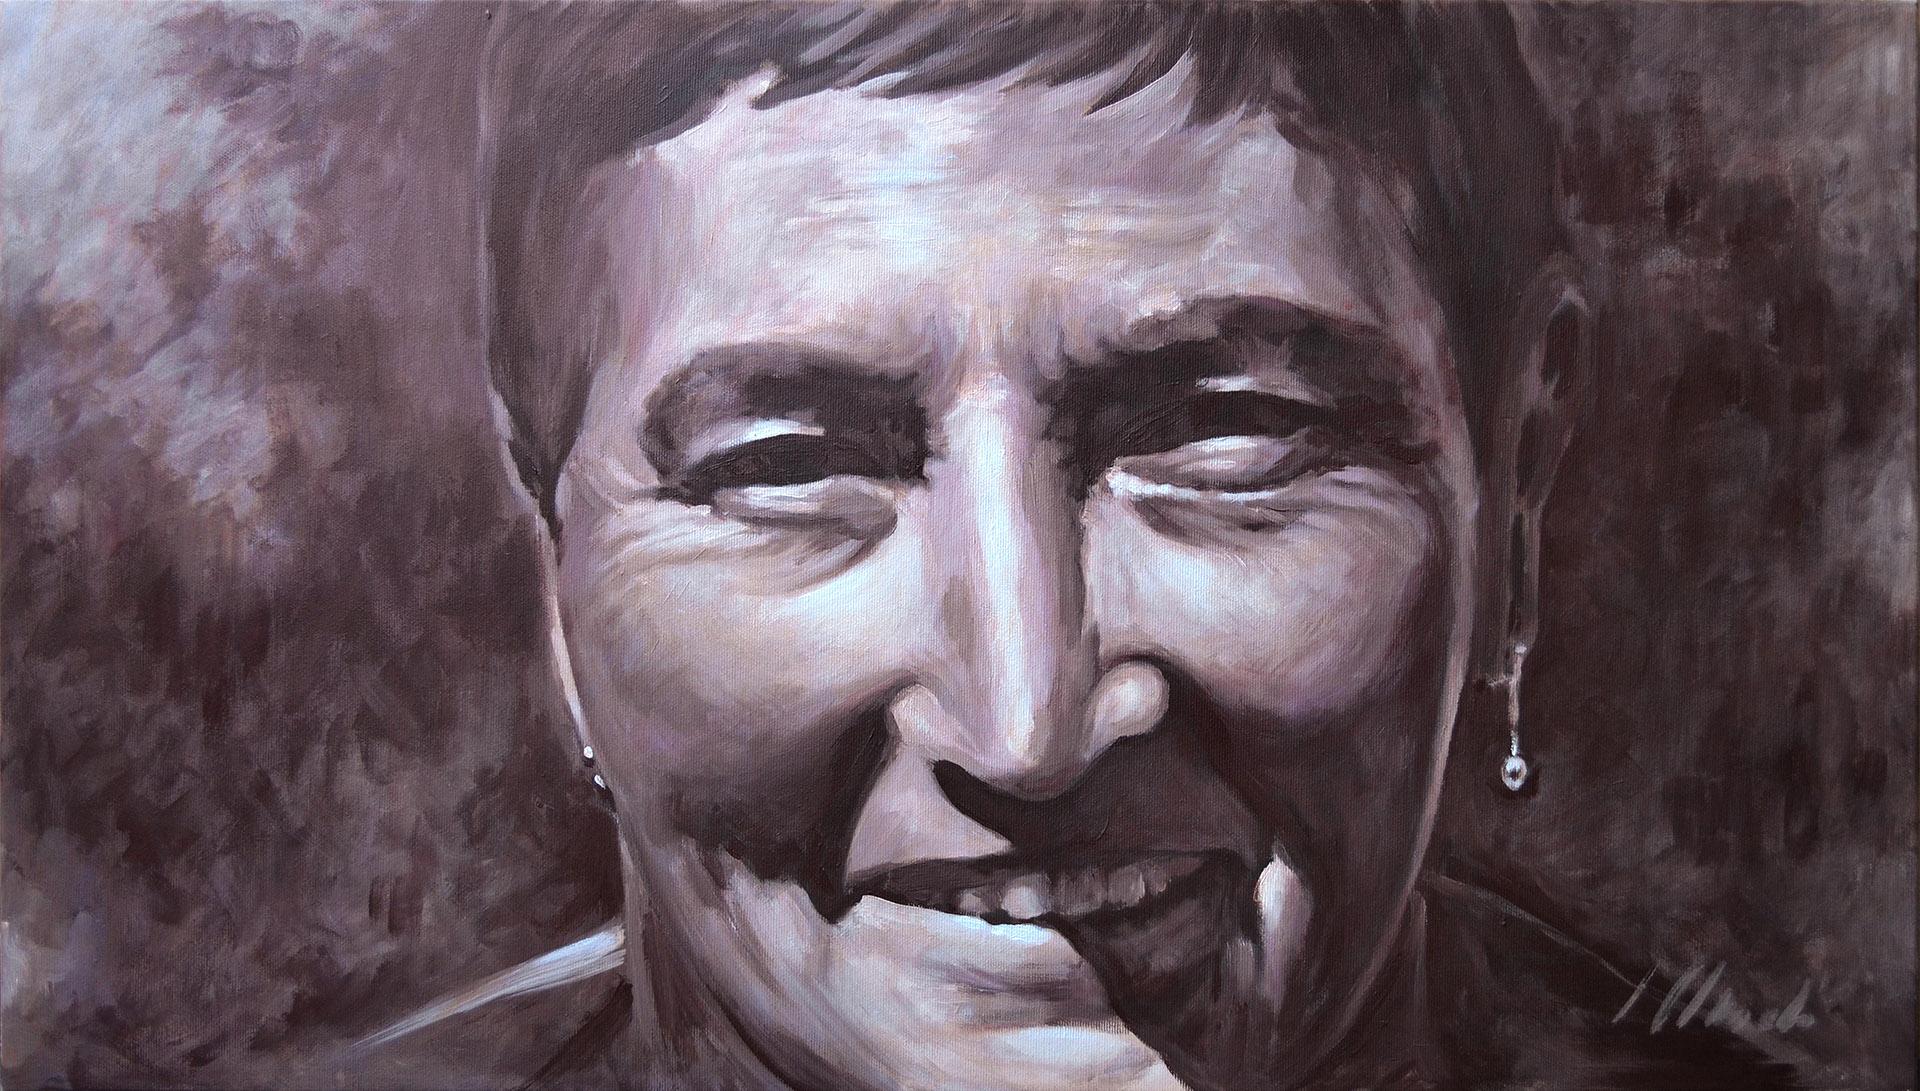 Rosario. Acrílico sobre lienzo. Javier Olmedo. 80 x 45 cm, 2016